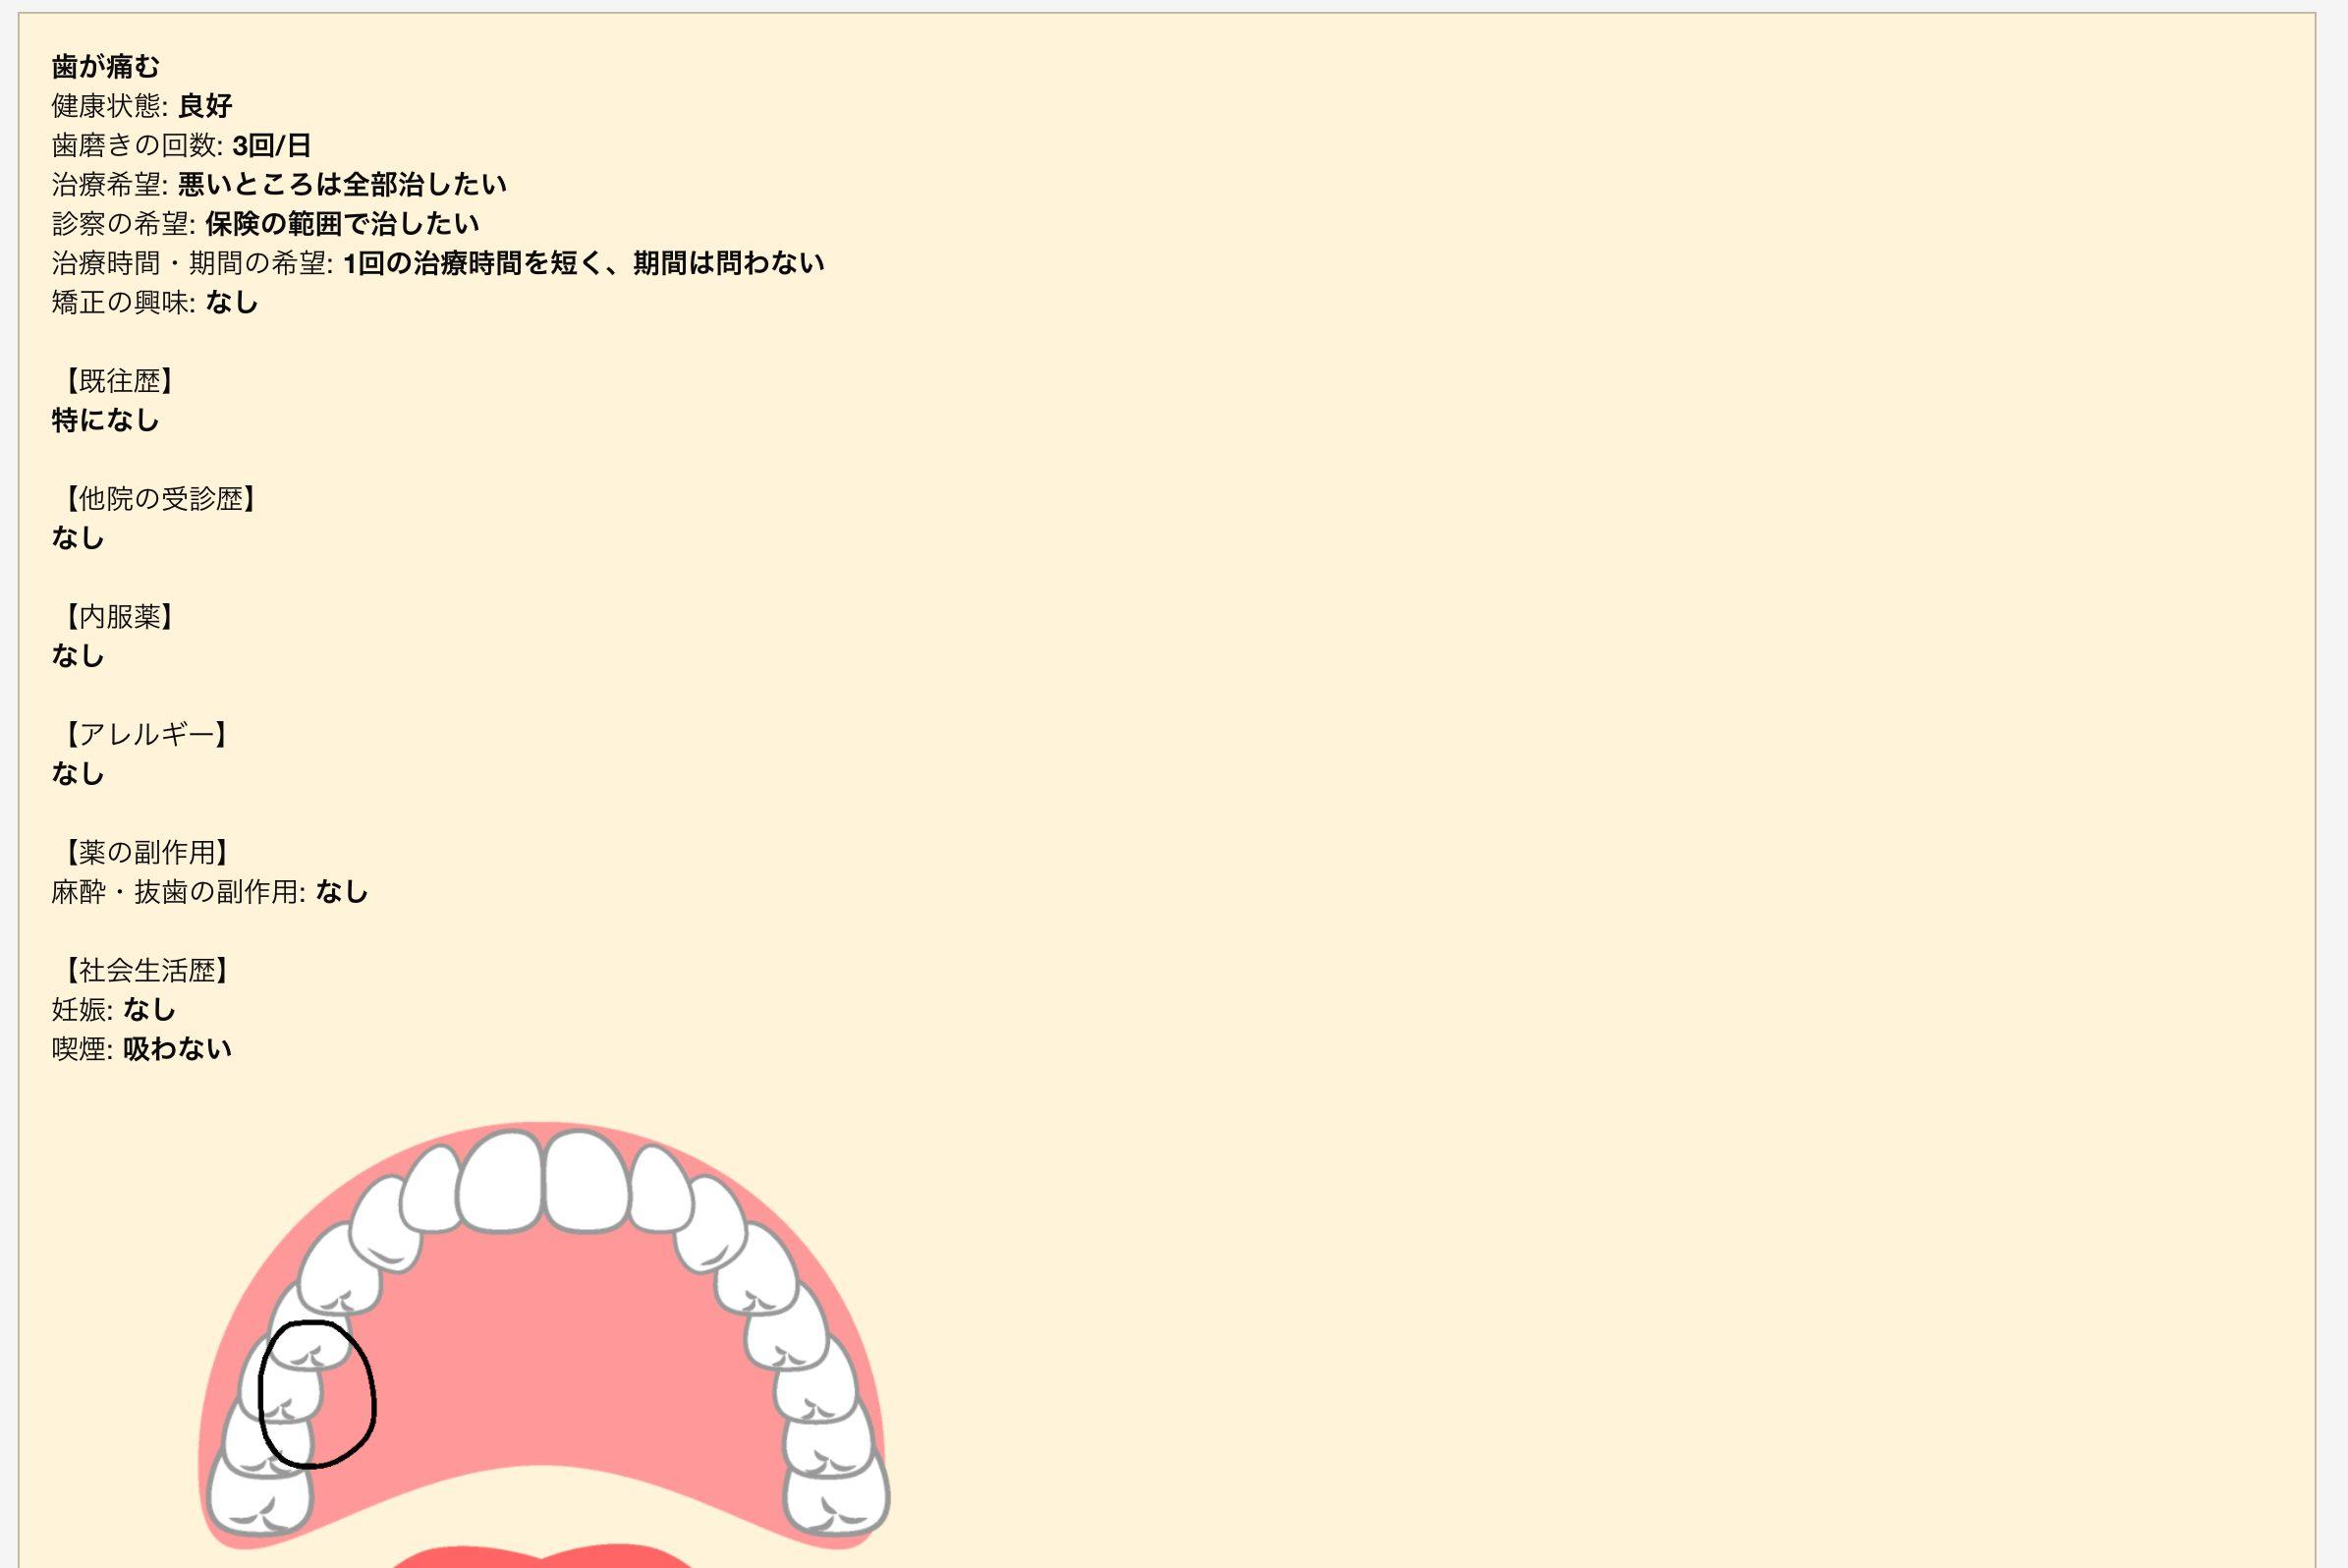 dental-monshin-result